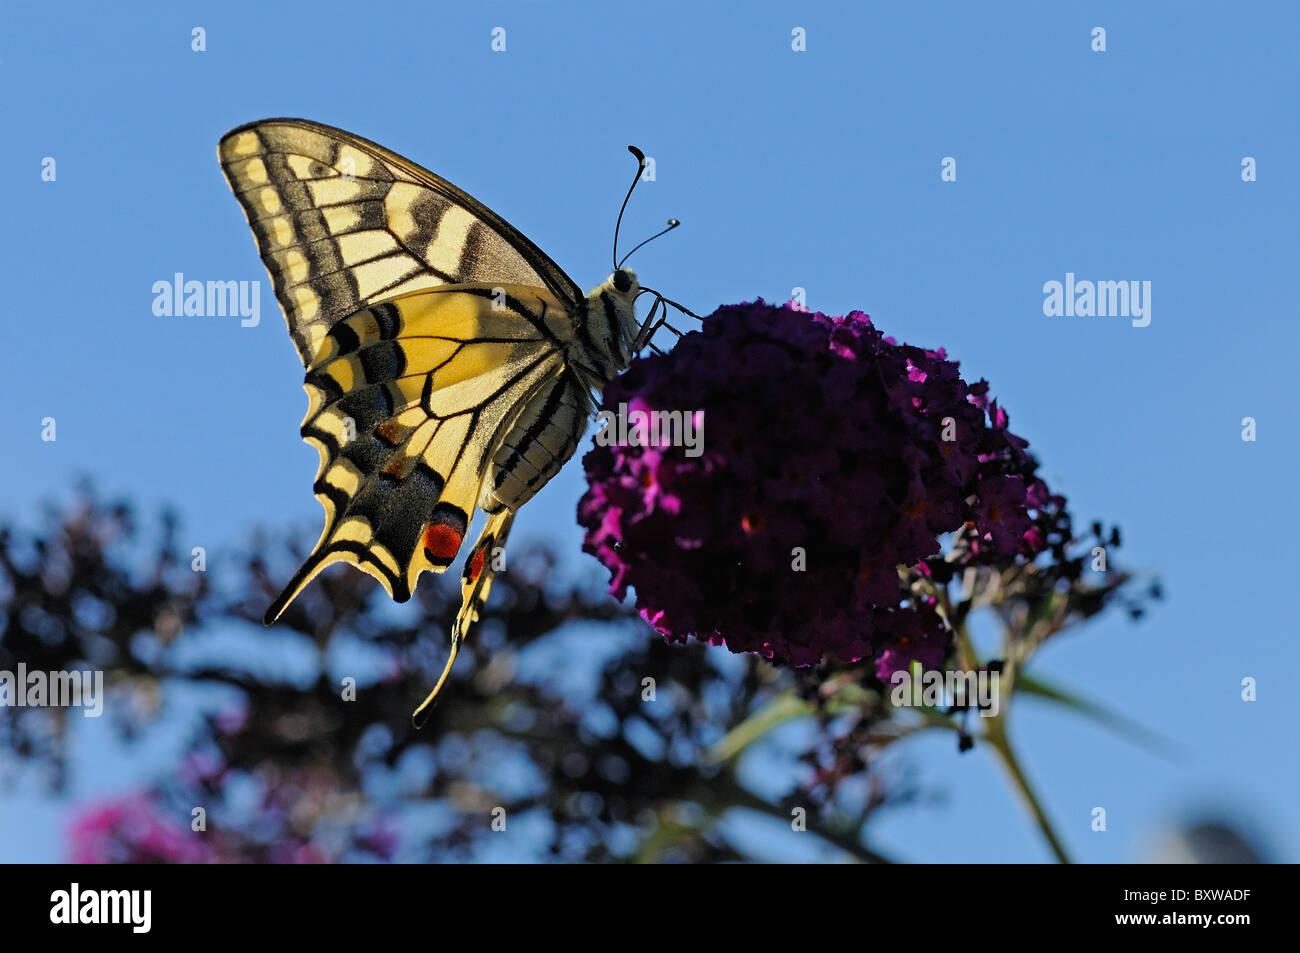 European Swallowtail Butterfly (Papilio machaon) feeding on buddleia flower - Stock Image